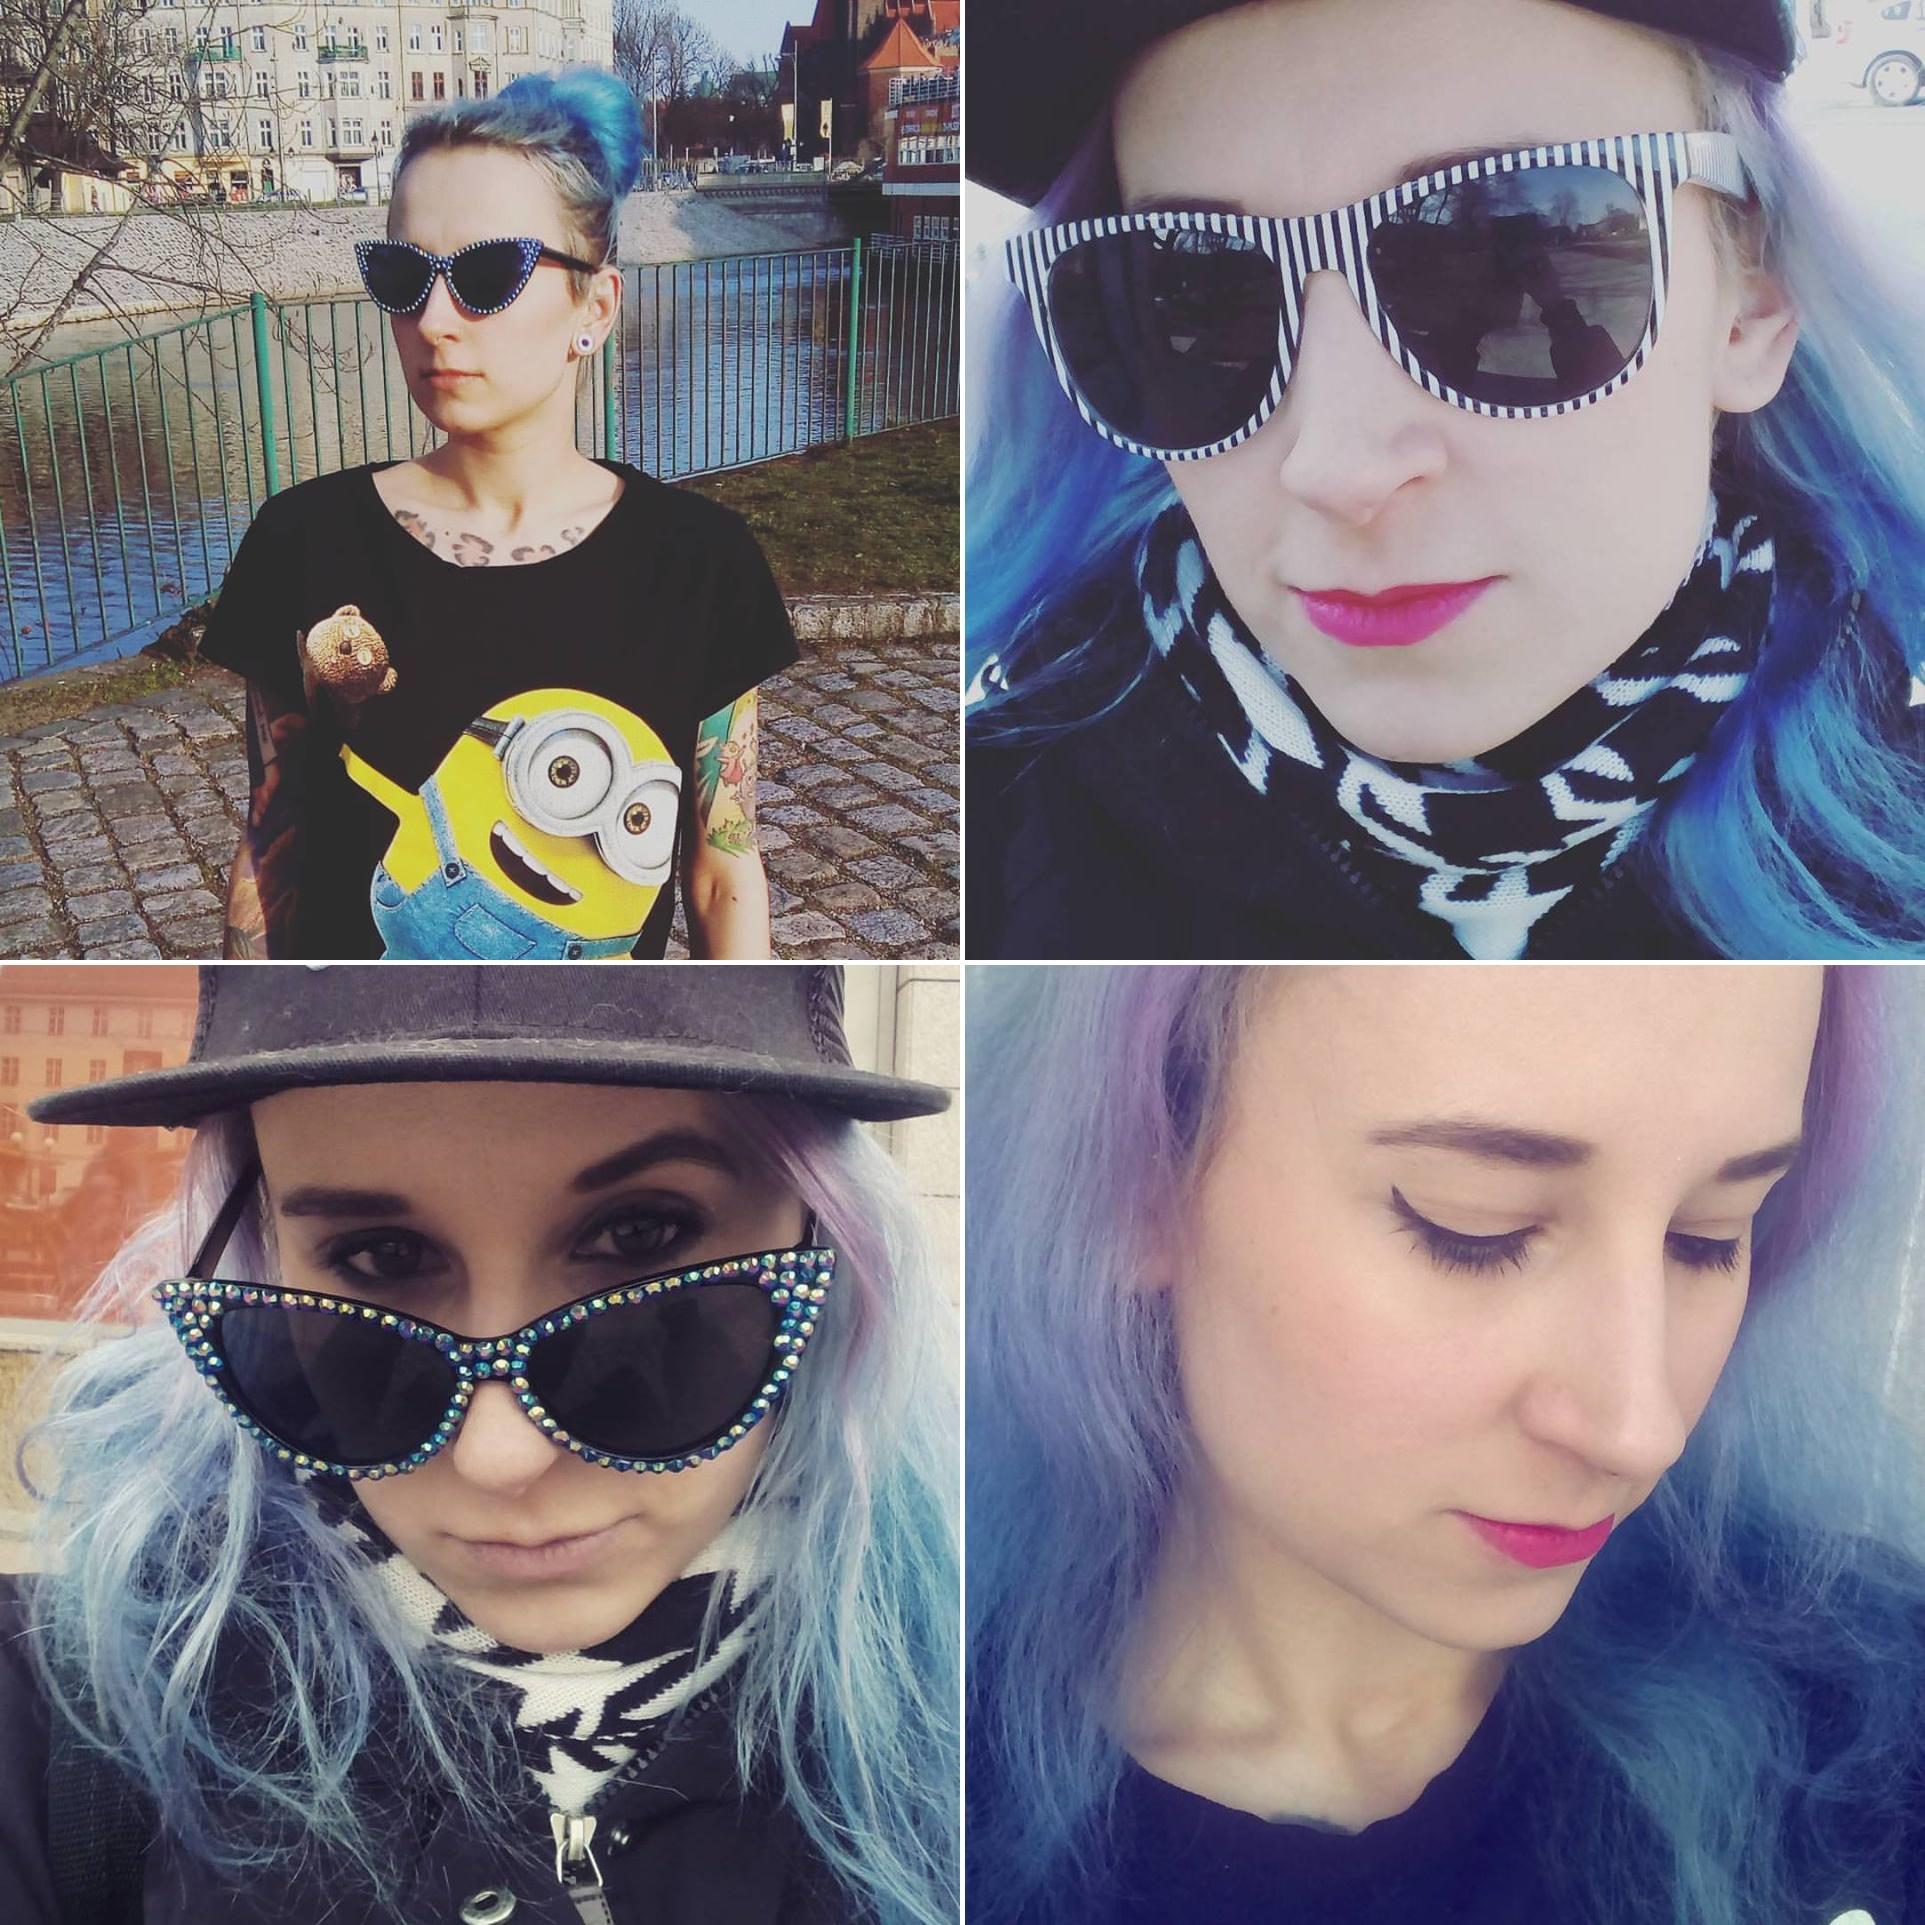 niebieskie włosy - mortycja